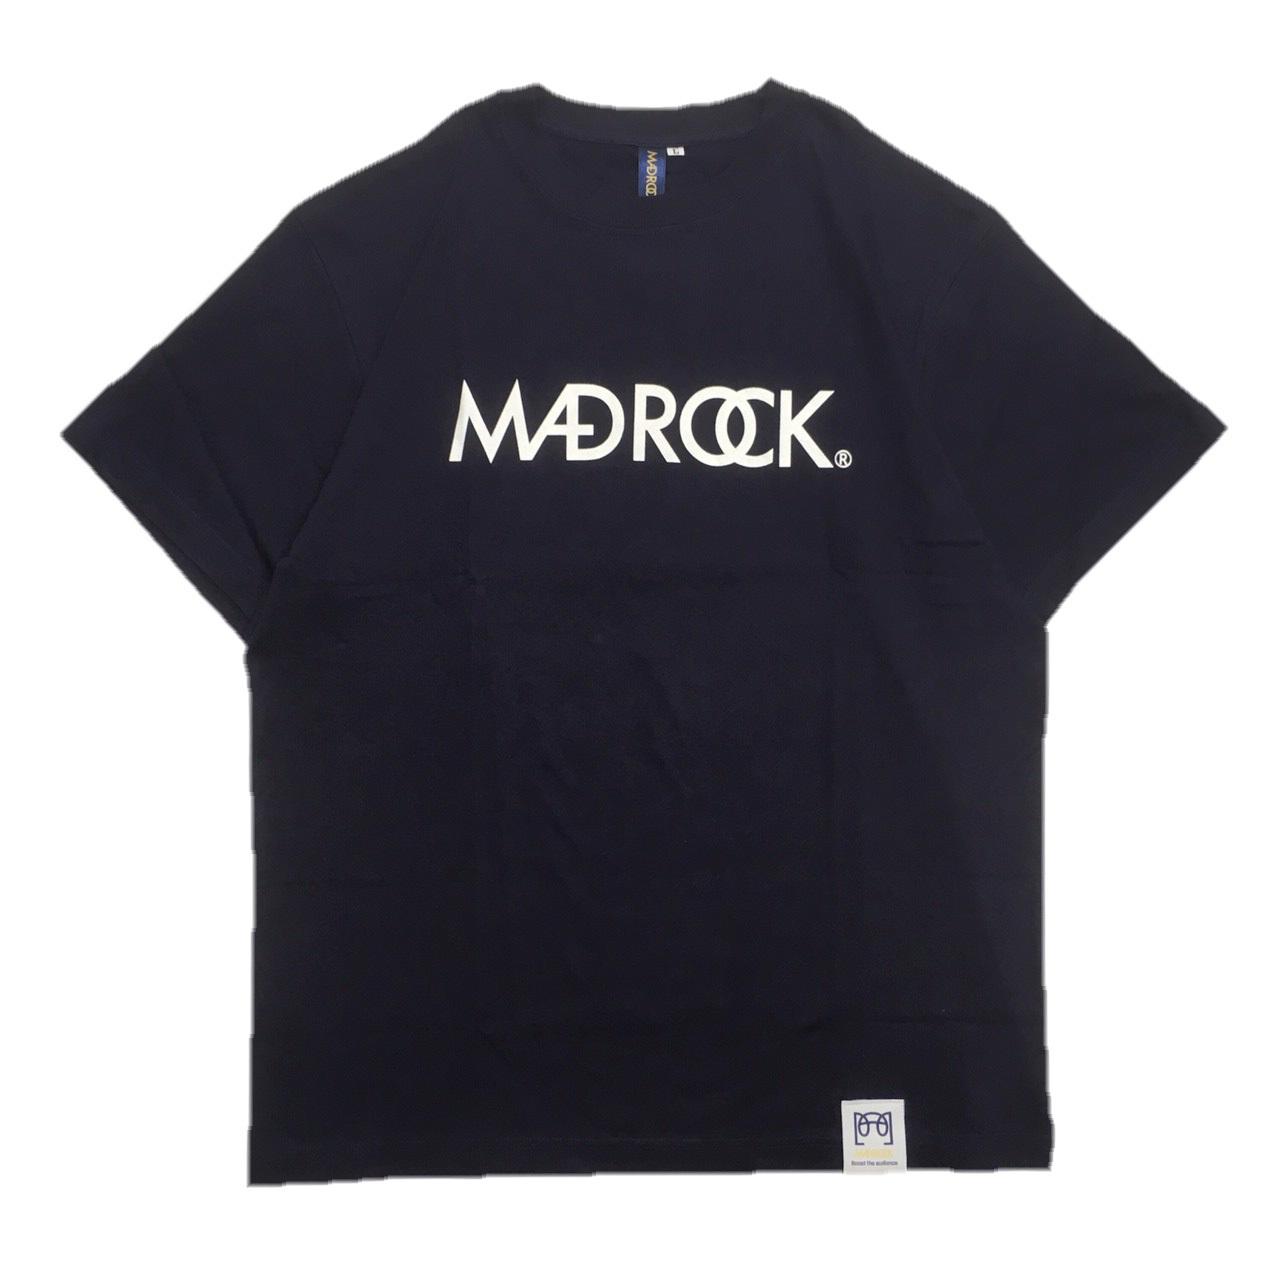 マッドロックロゴTシャツ/コットン/ネイビー